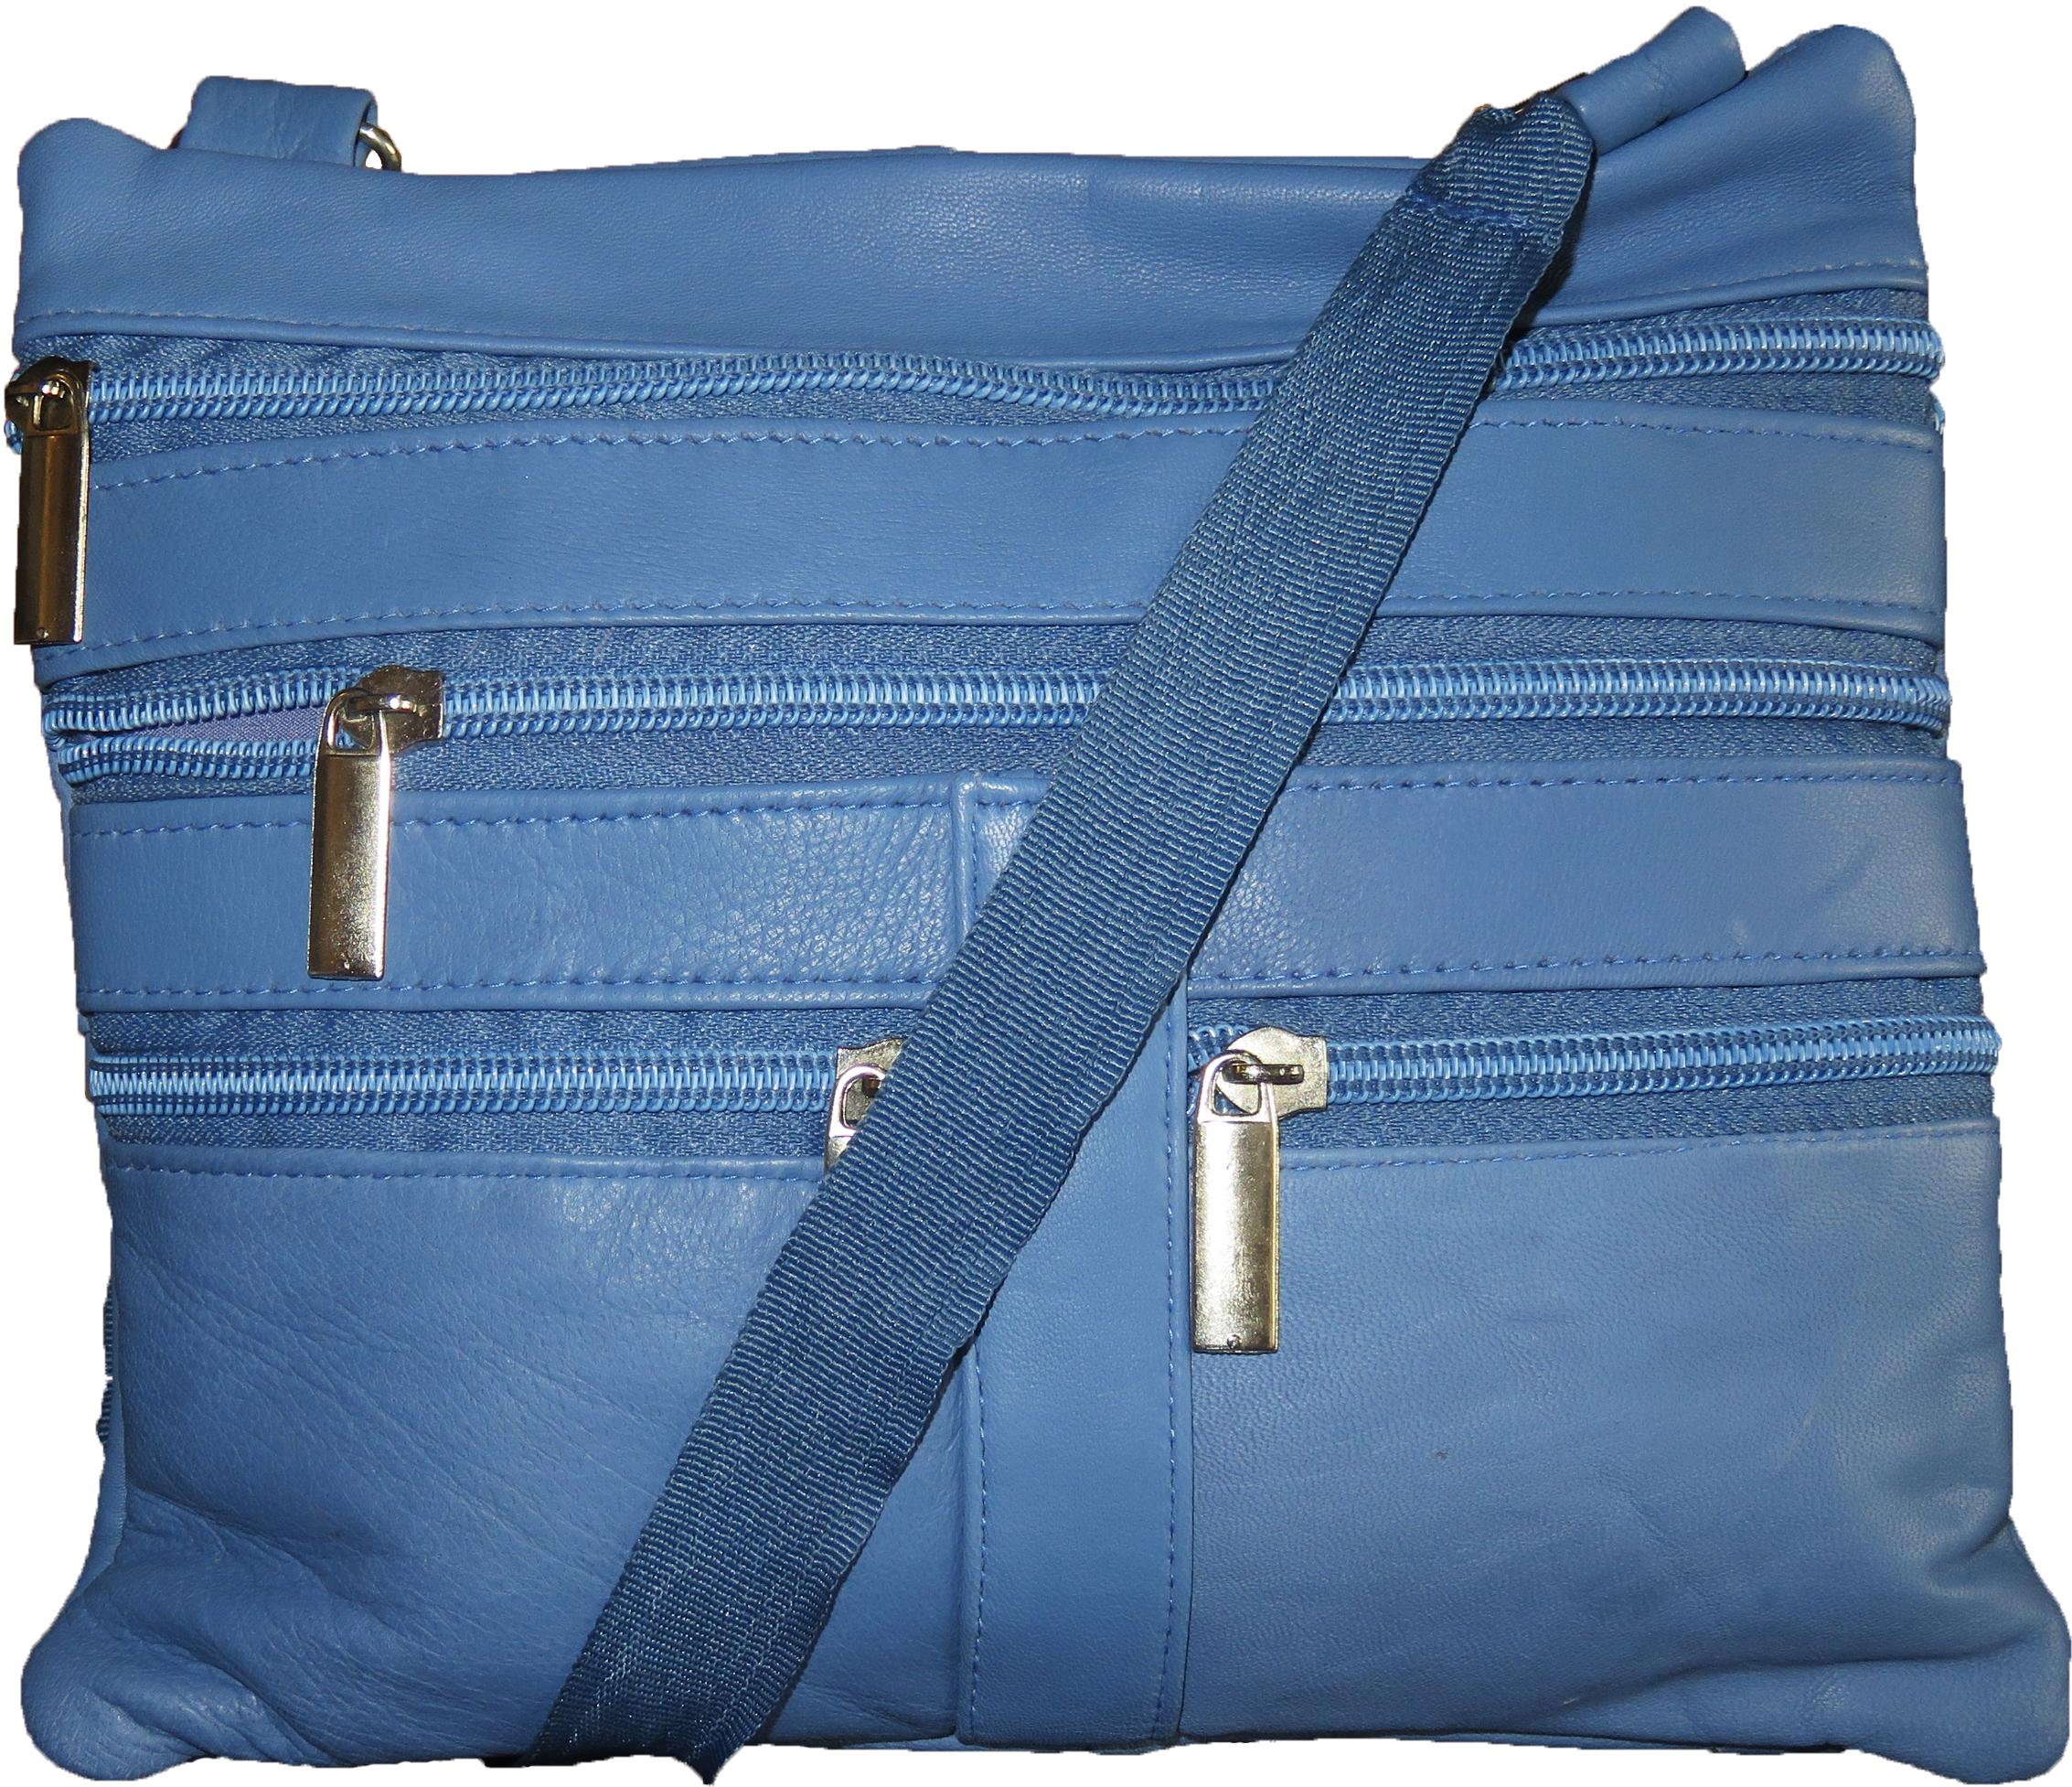 AFONiE Genuine Leather Fashion CrossBody Bag Baby Blue Color